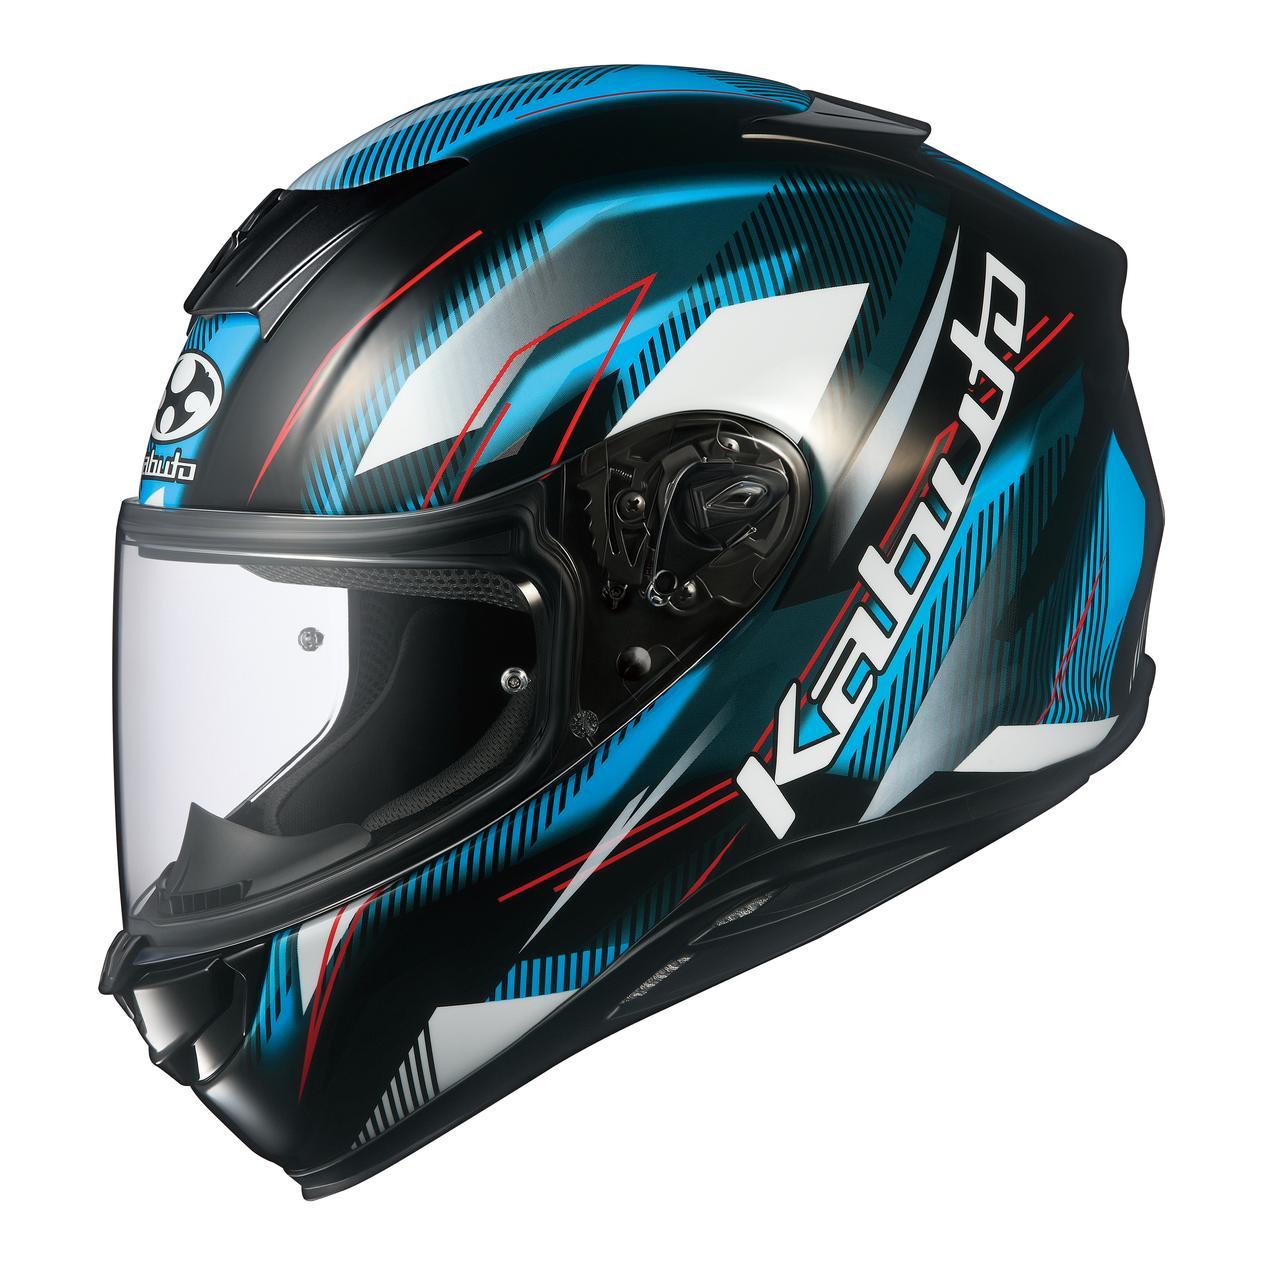 画像2: Kabutoのフルフェイスヘルメット「エアロブレード・5 ゴー」が新登場!カラーは全3色!